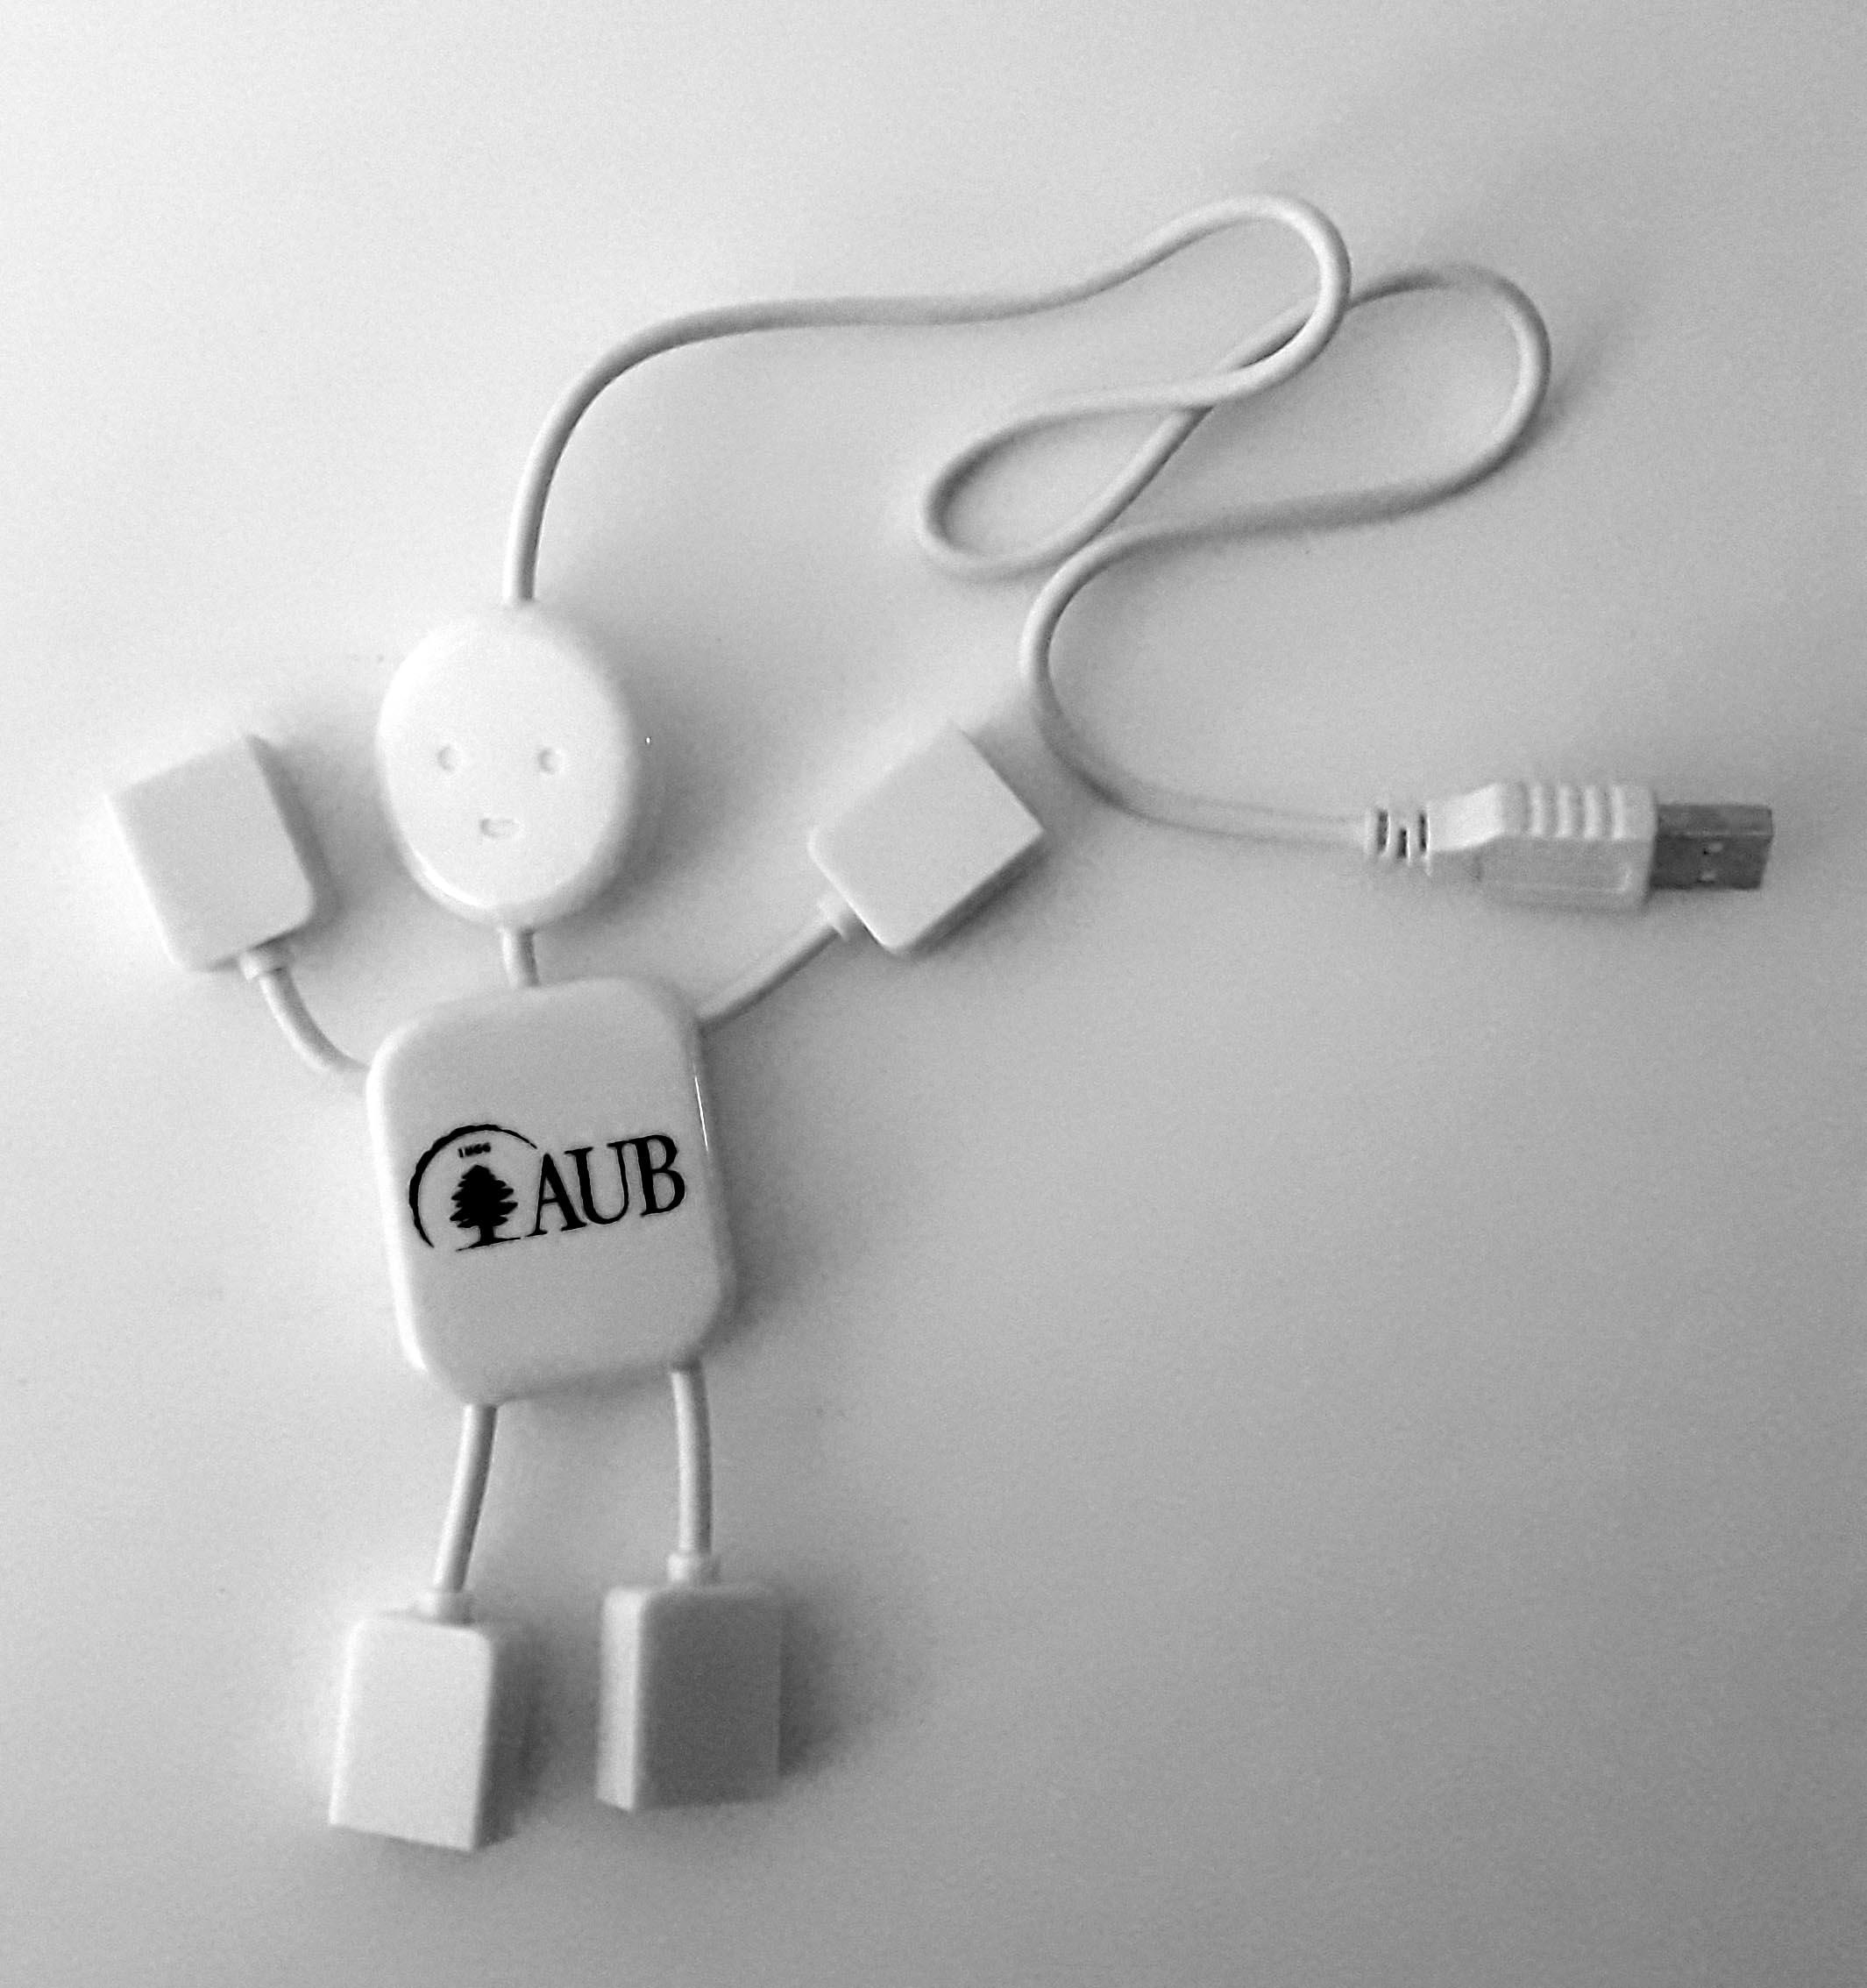 AUB USB HUMAN HUB